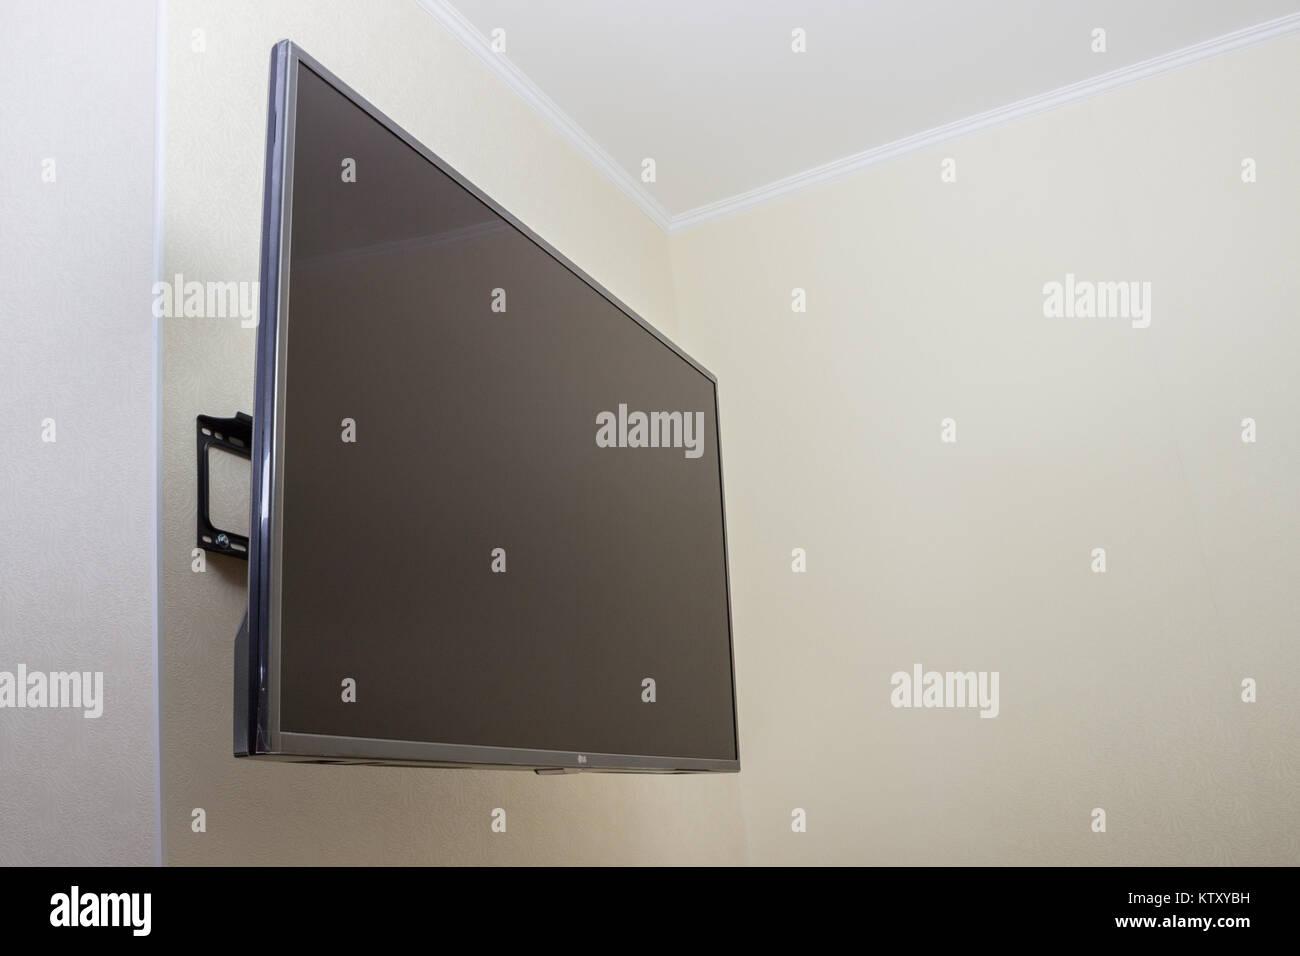 Fernseher Hintergrund schwarze led-tv fernseher mock mock up, leer in weißen wand